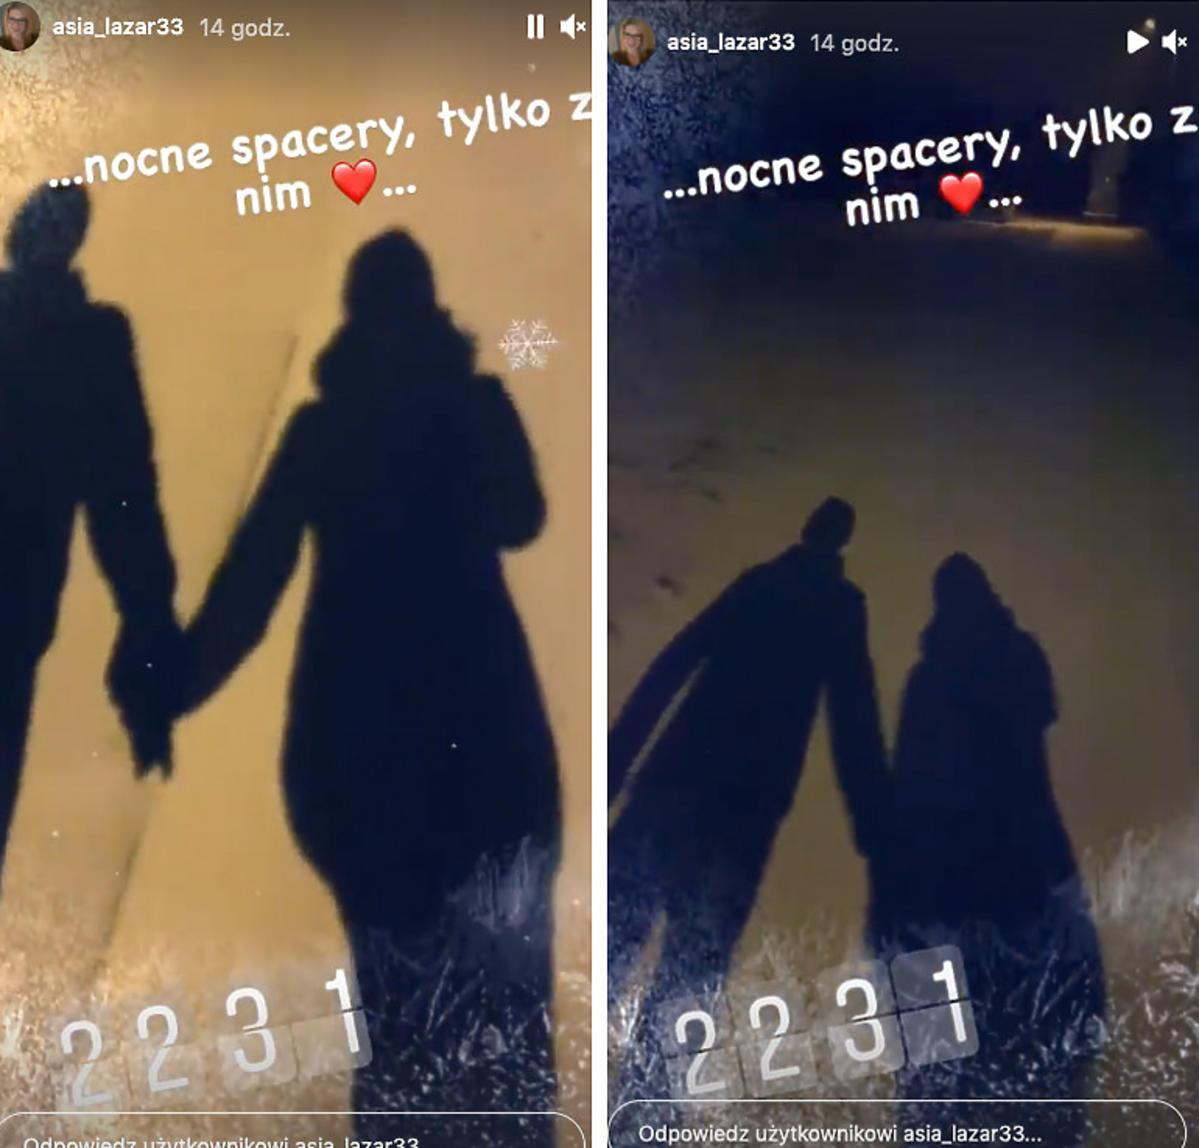 Zdjęcia cieni kładących się na ścieżce